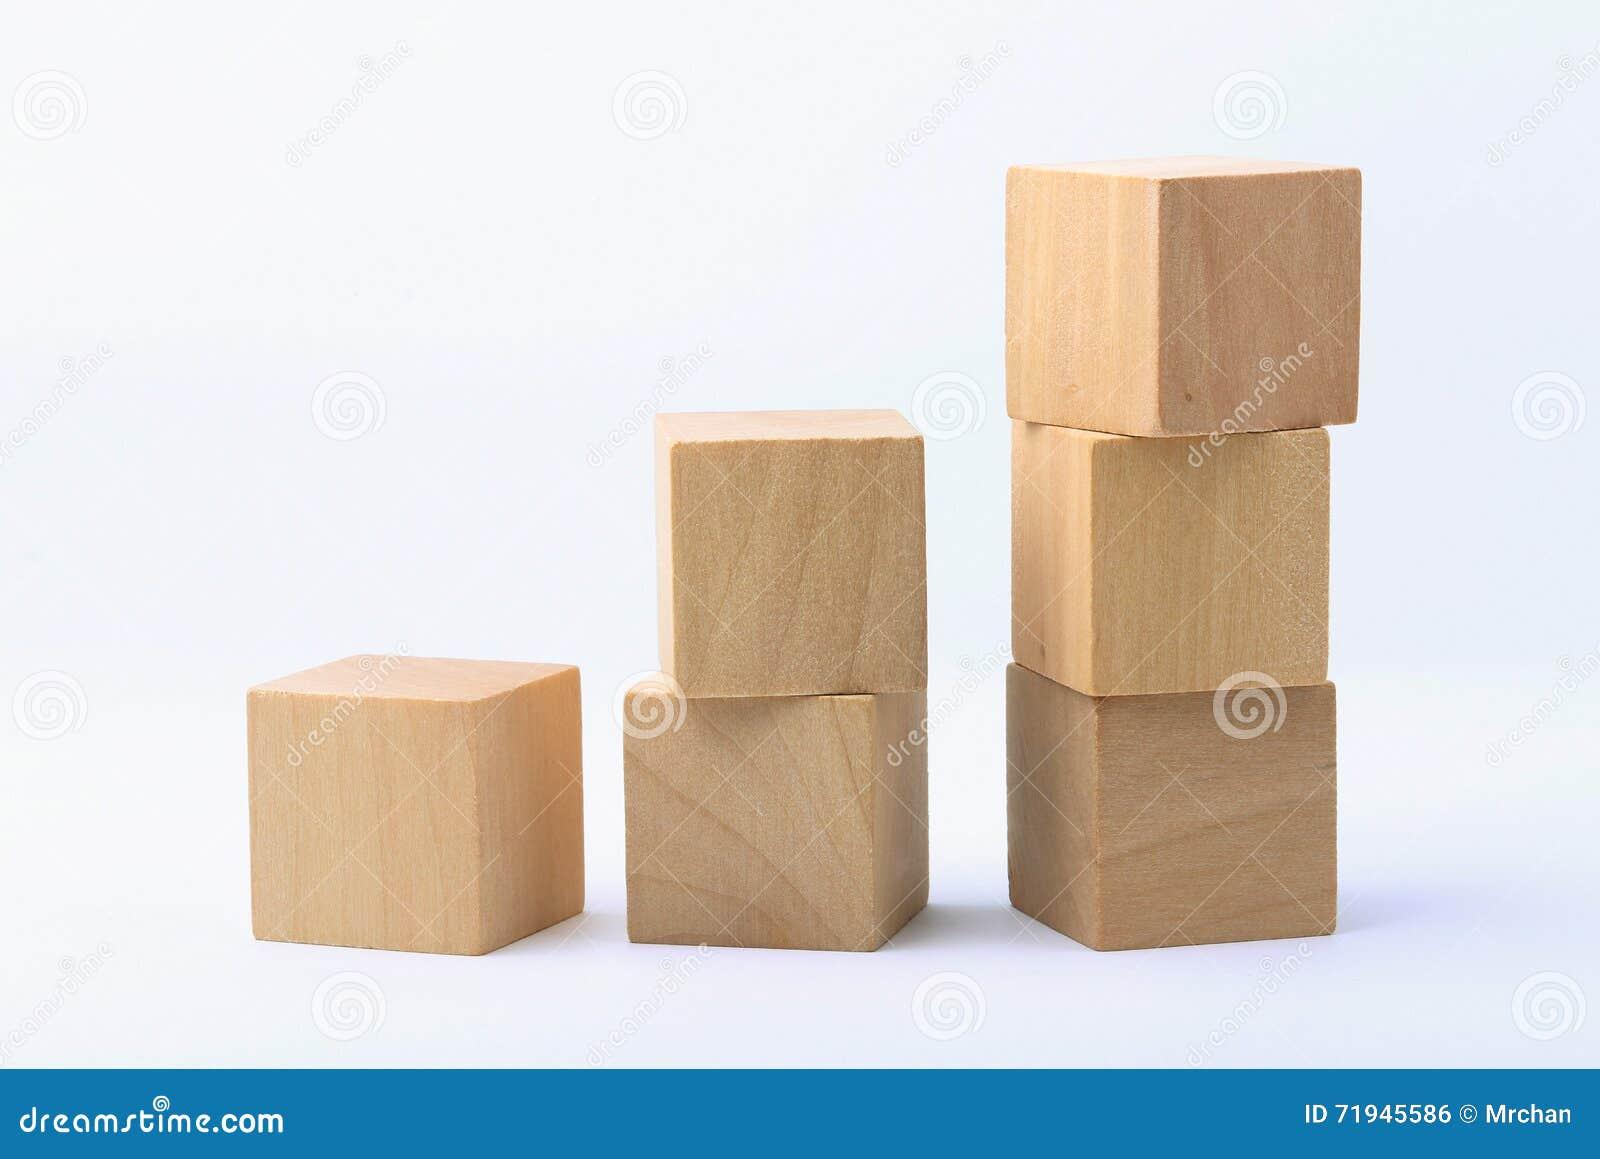 Деревянные блоки на белой предпосылке